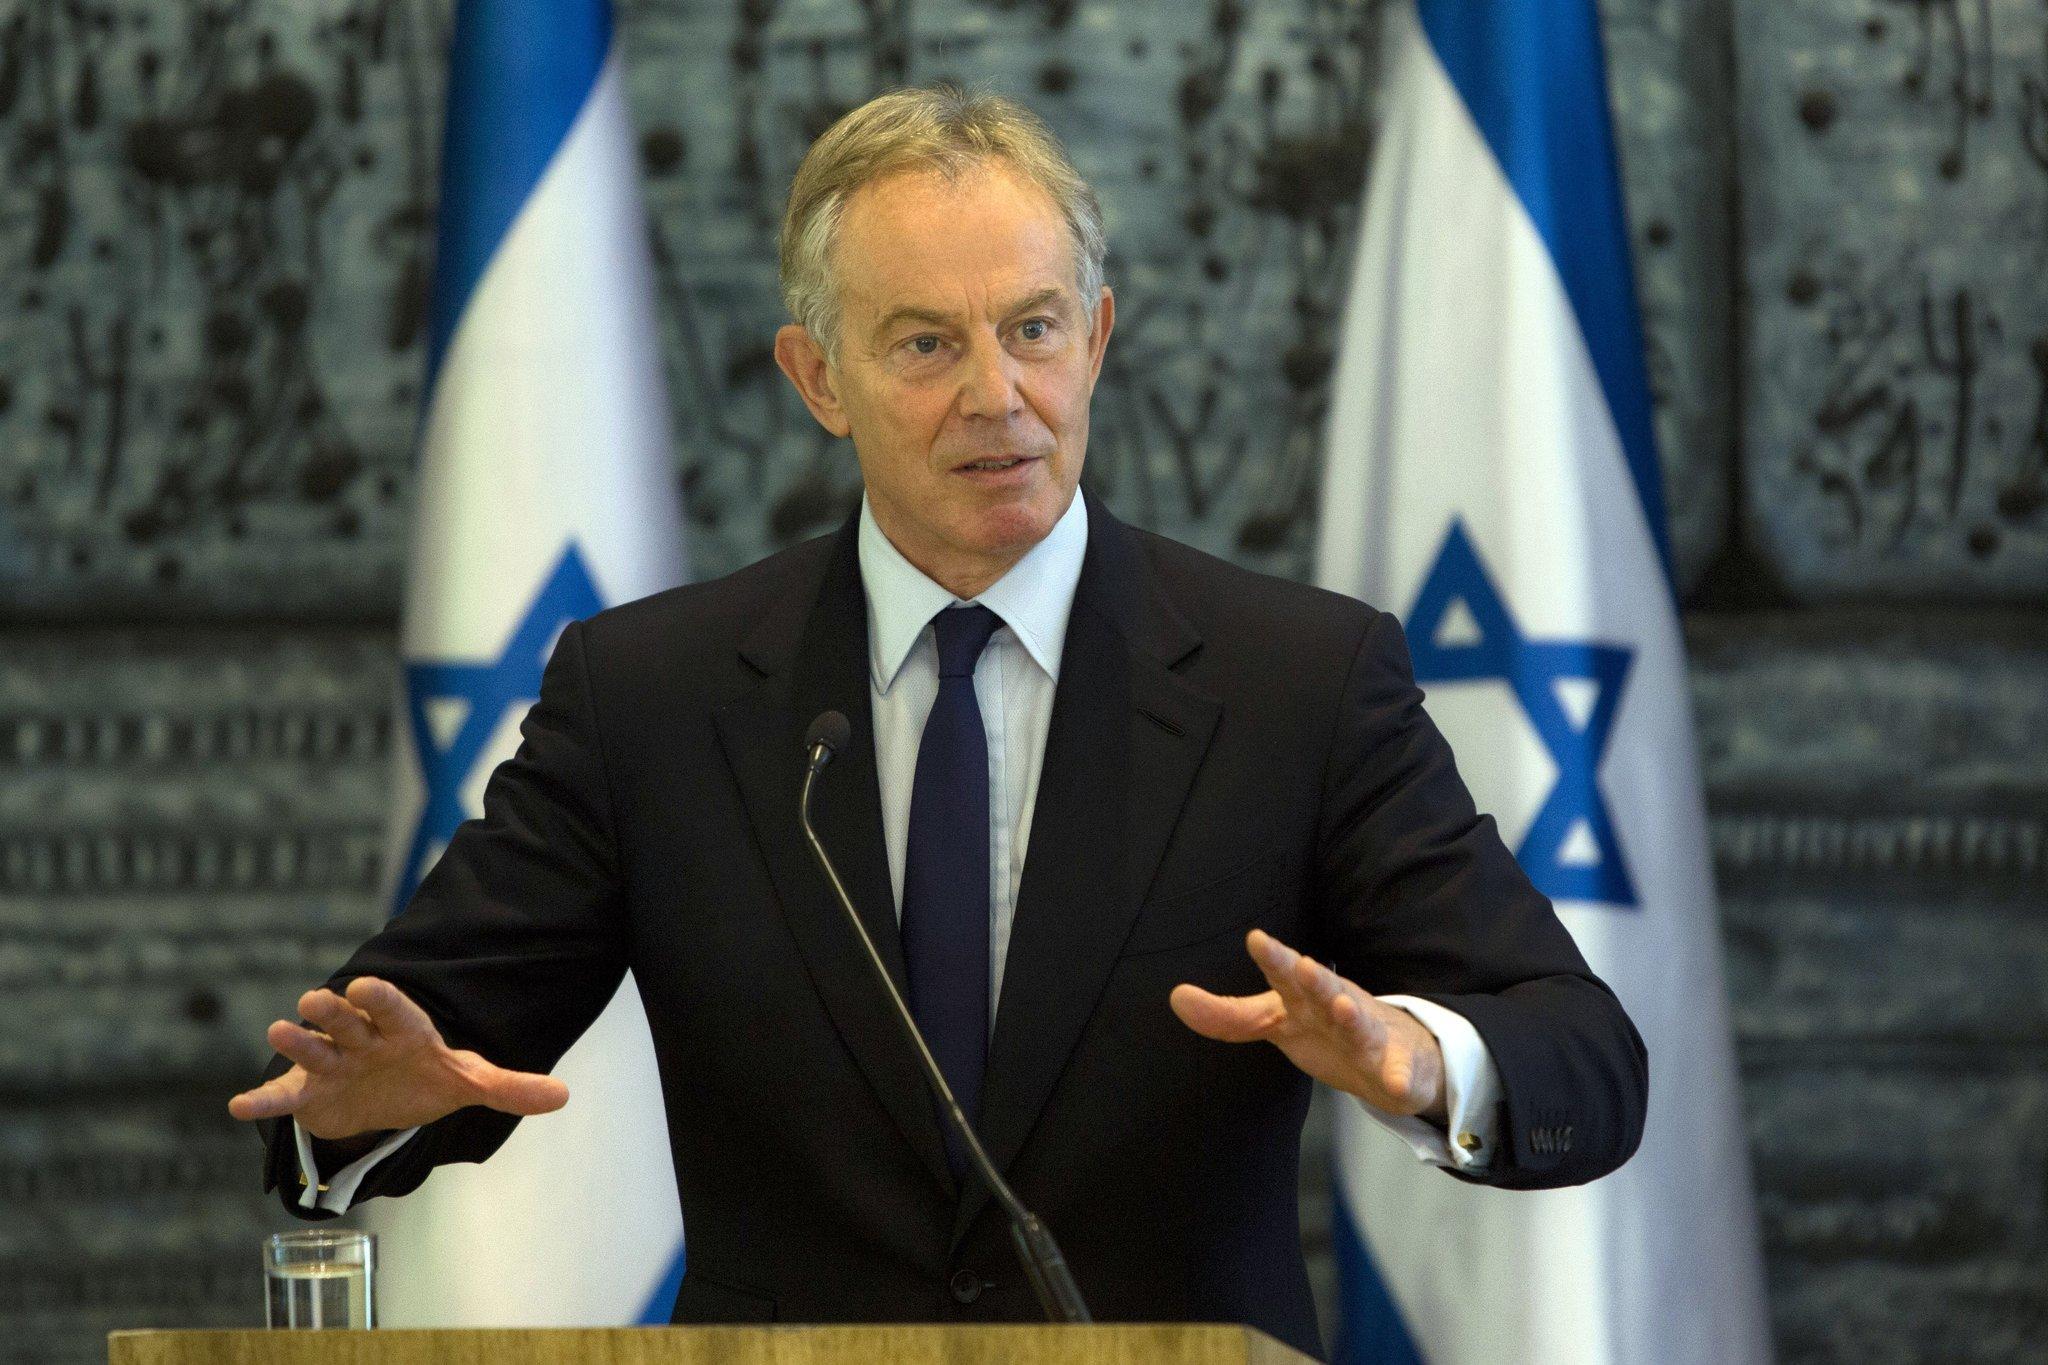 Britain's Tony Blair resigns as U.N. Middle East envoy